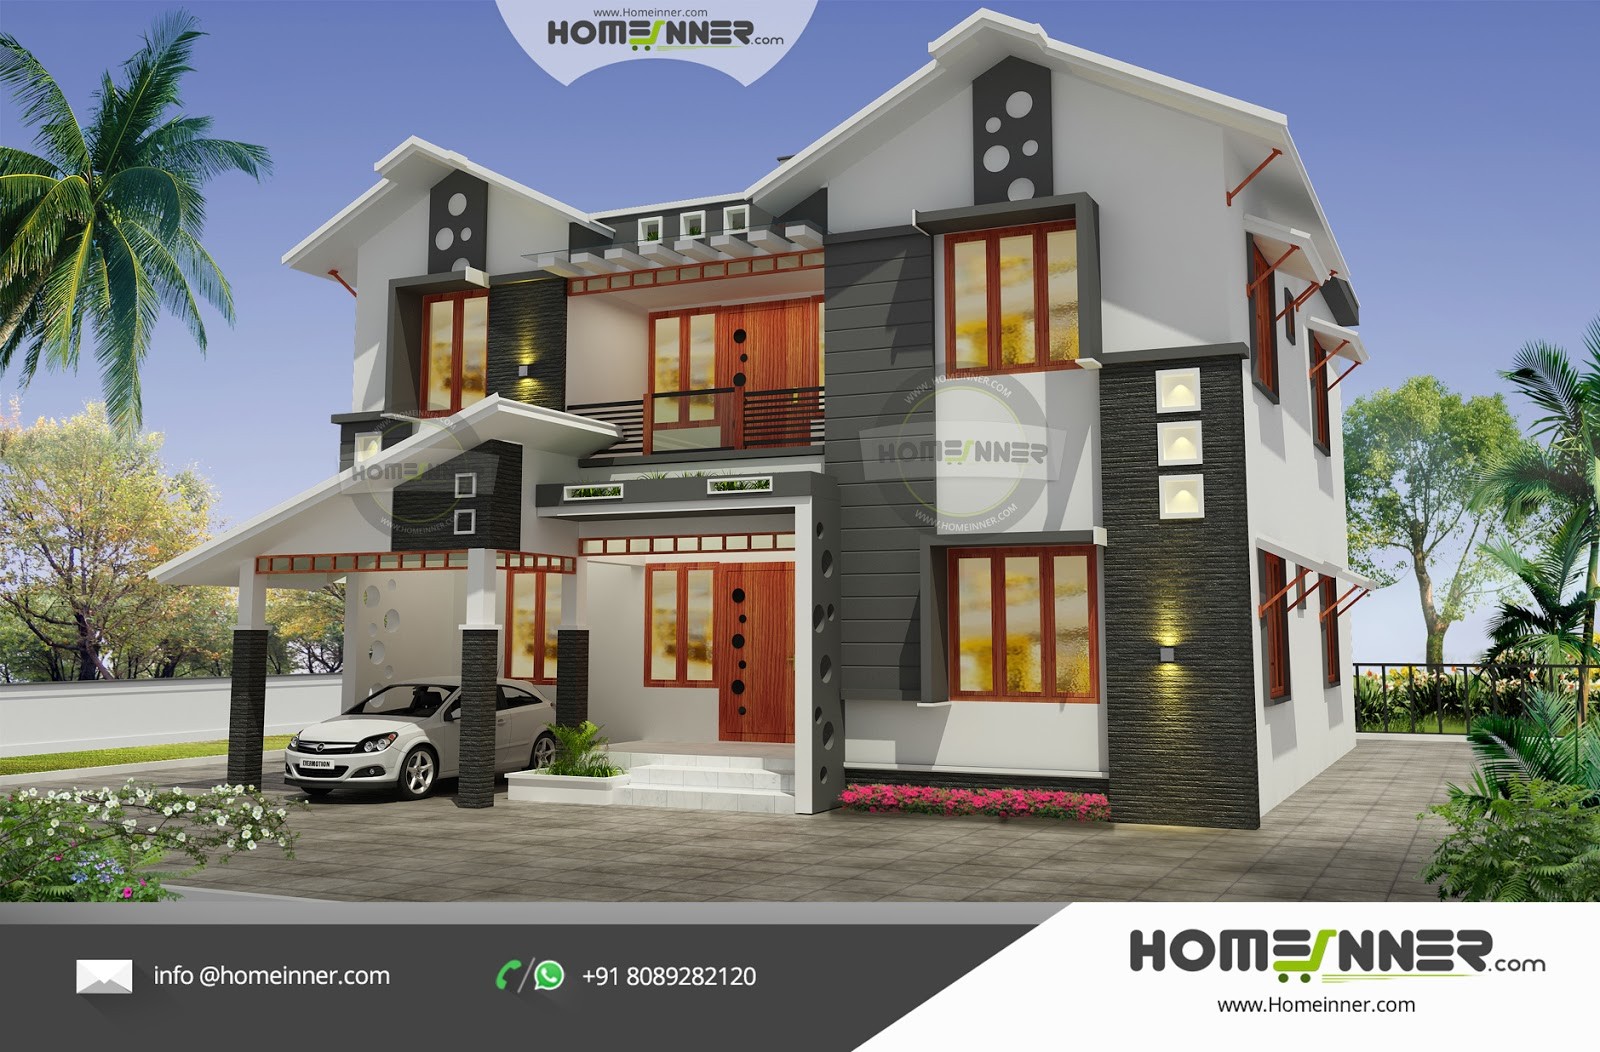 House Design  Indian Home blueprint  Free work solid plans,Naksha Design,3D